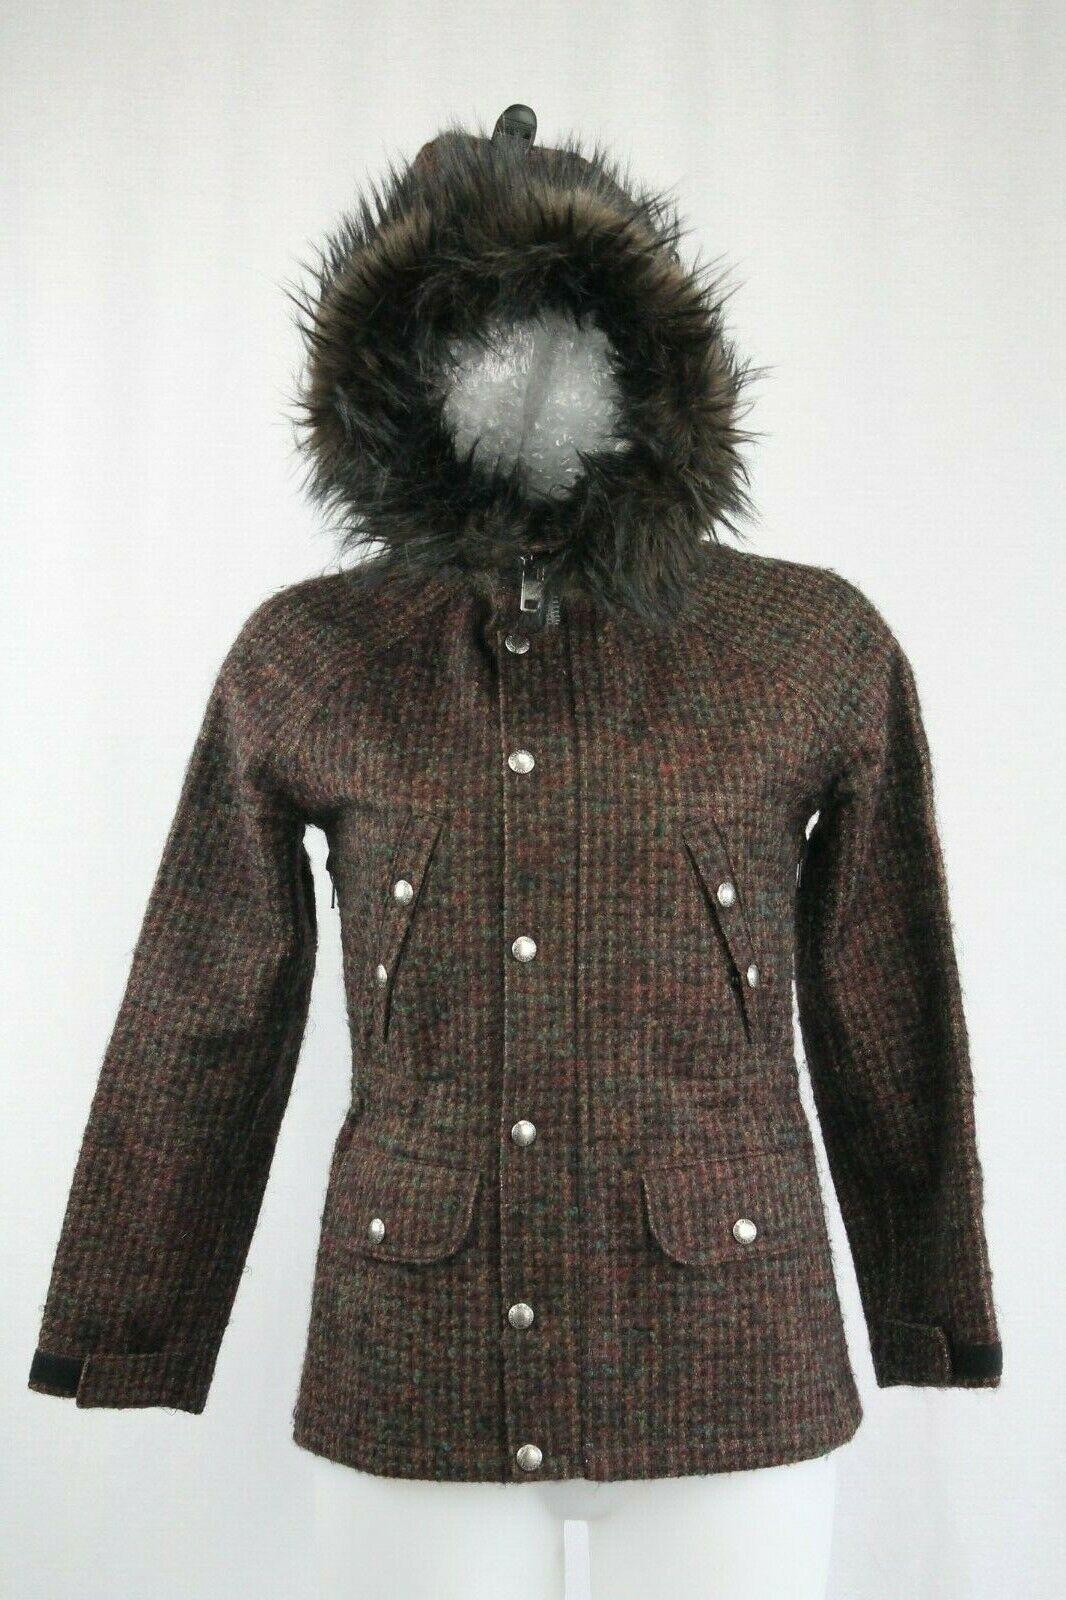 Junya Watanabe Gore Windstopper Windstopper Windstopper Comme des Garcons Tweed Hooded Coat, Größe  M | Vielfalt  | Mama kaufte ein bequemes, Baby ist glücklich  | Einzigartig  | Verschiedene aktuelle Designs  | Wirtschaft  a25752